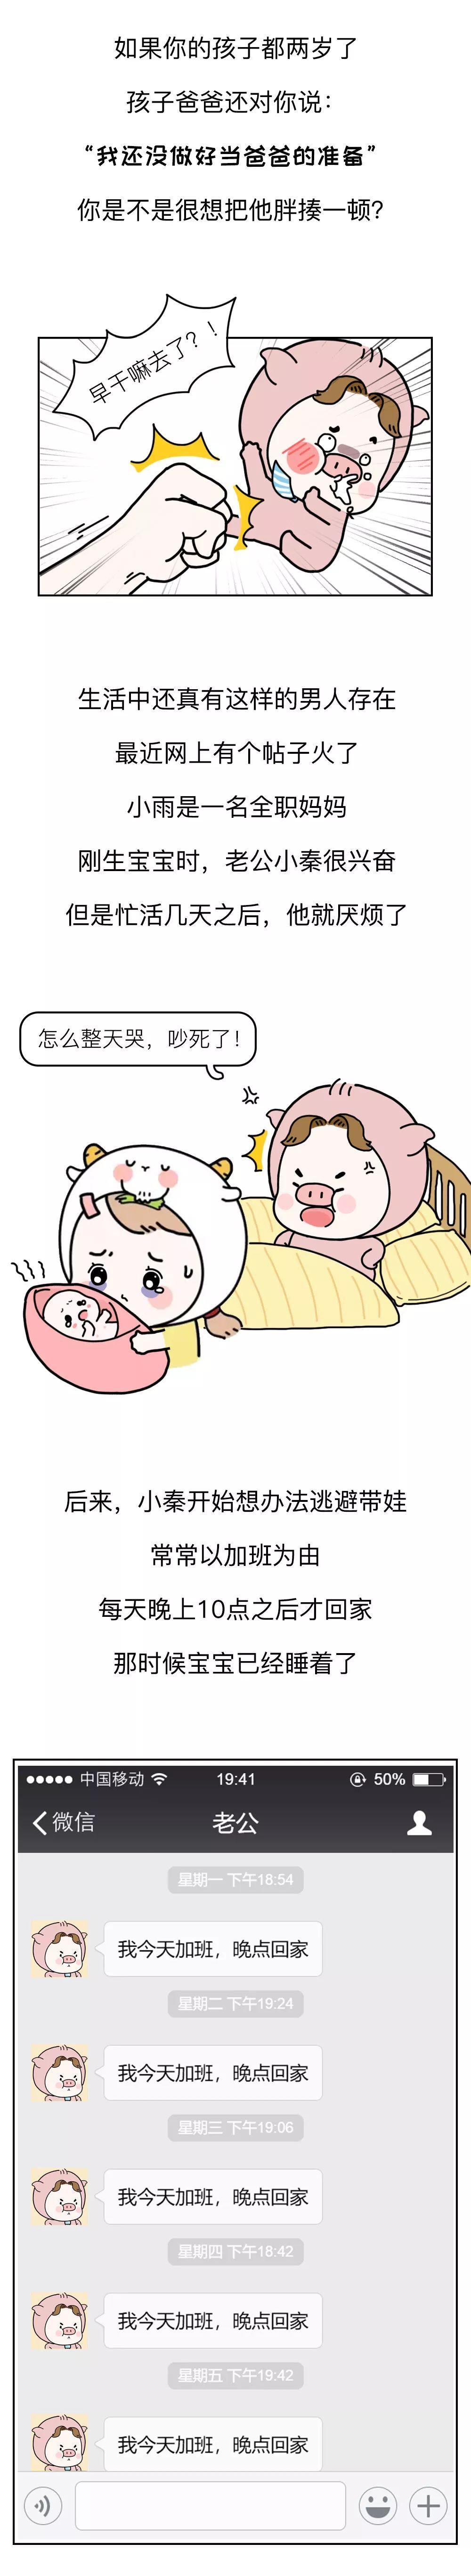 老公每天加班晚归,背后真相令人愤怒:看不见老婆辛苦的男人都是猪!